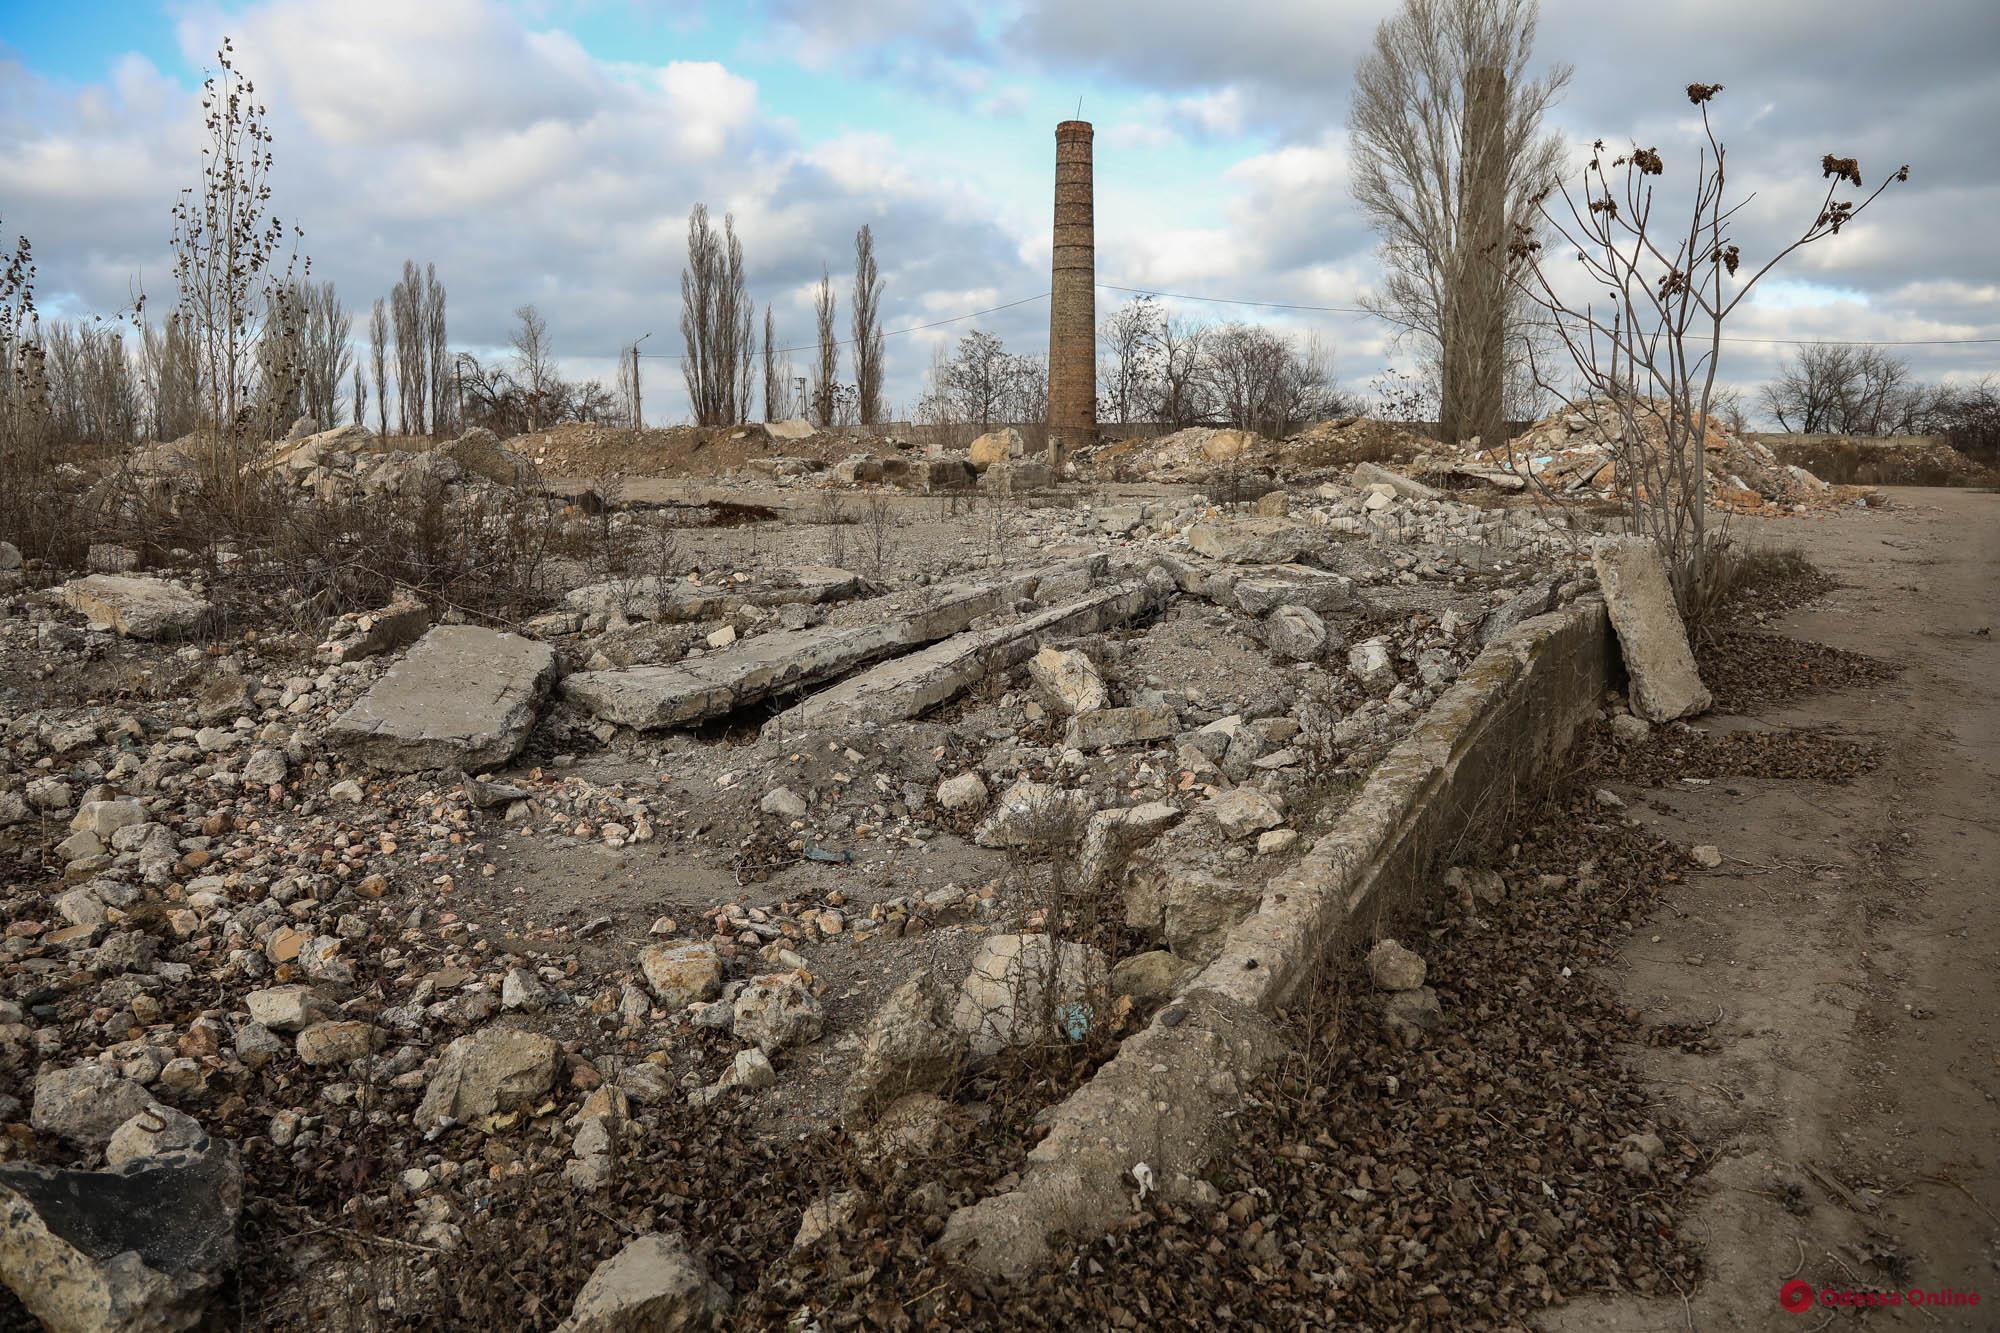 Руины одесского завода «Центролит»: мусор и горы дробленого бетона (фоторепортаж)